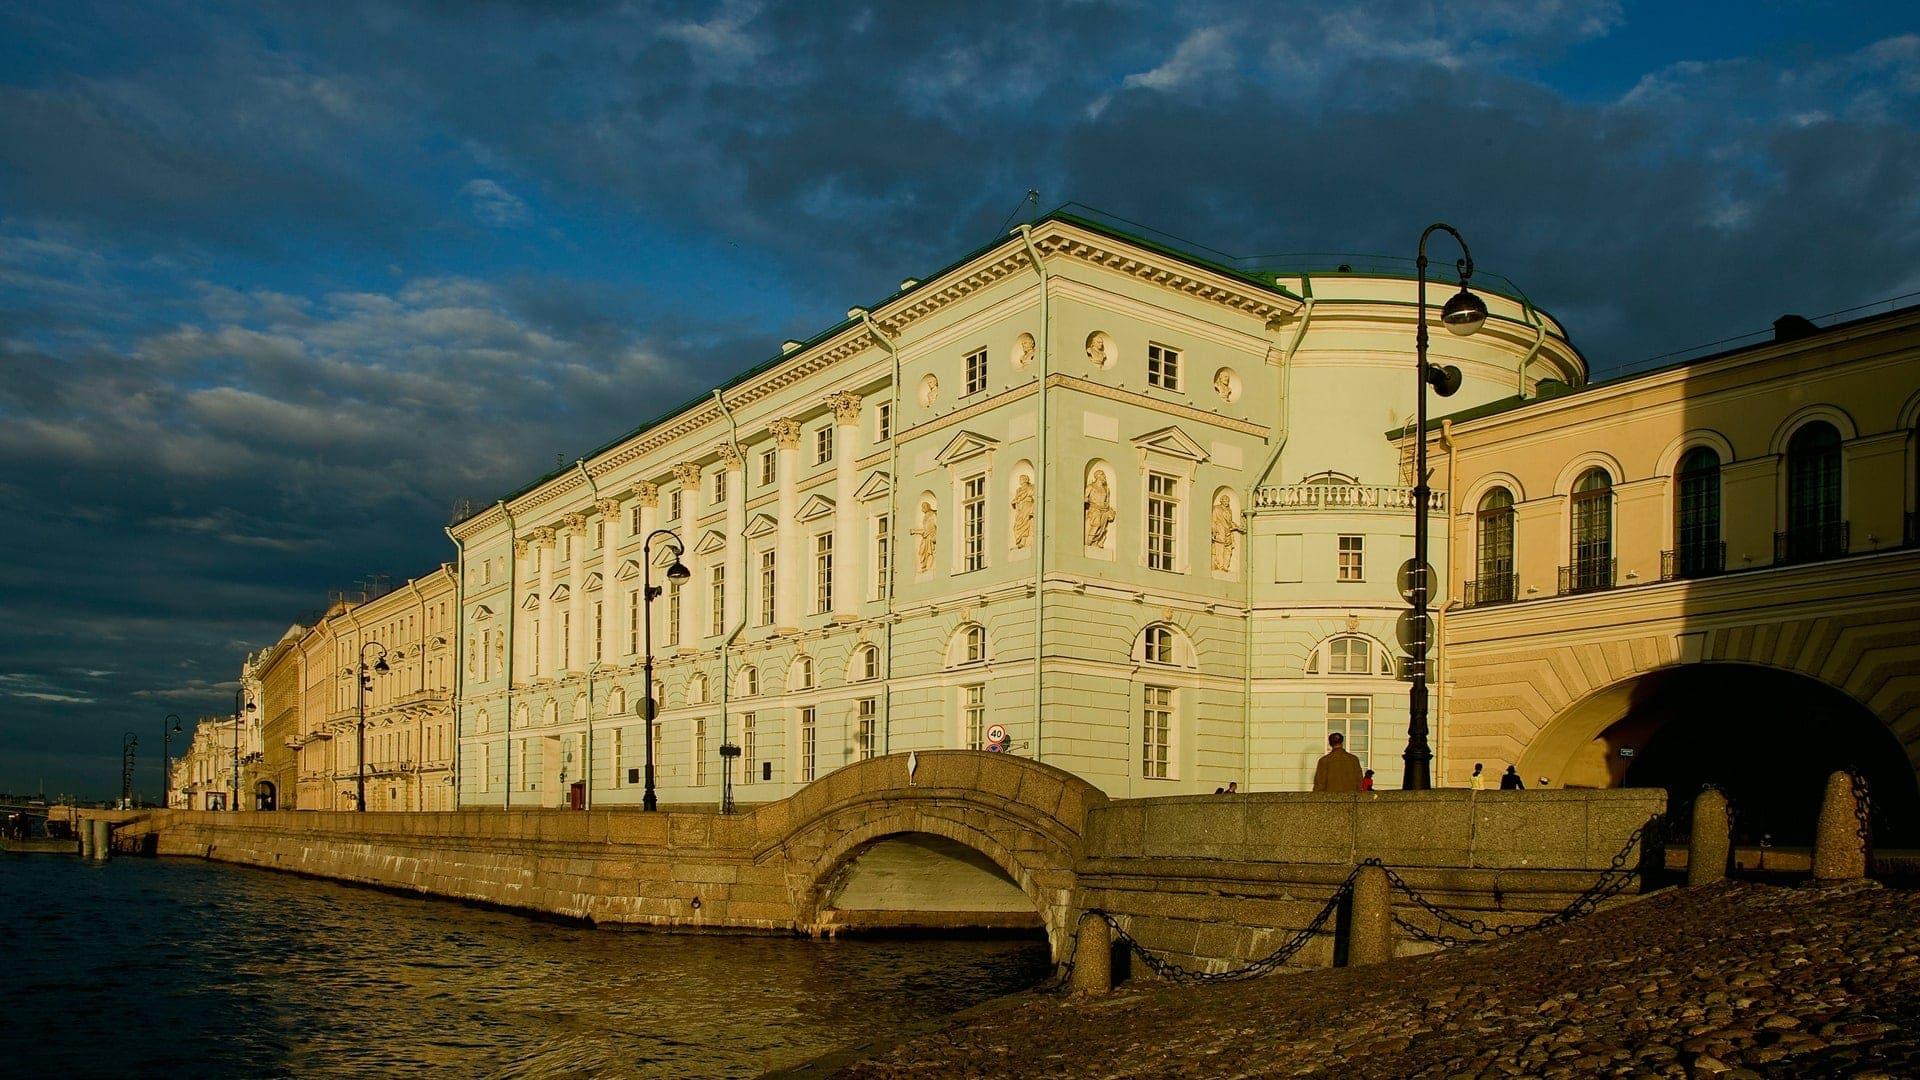 Эрмитажный театр Санкт-Петербурга